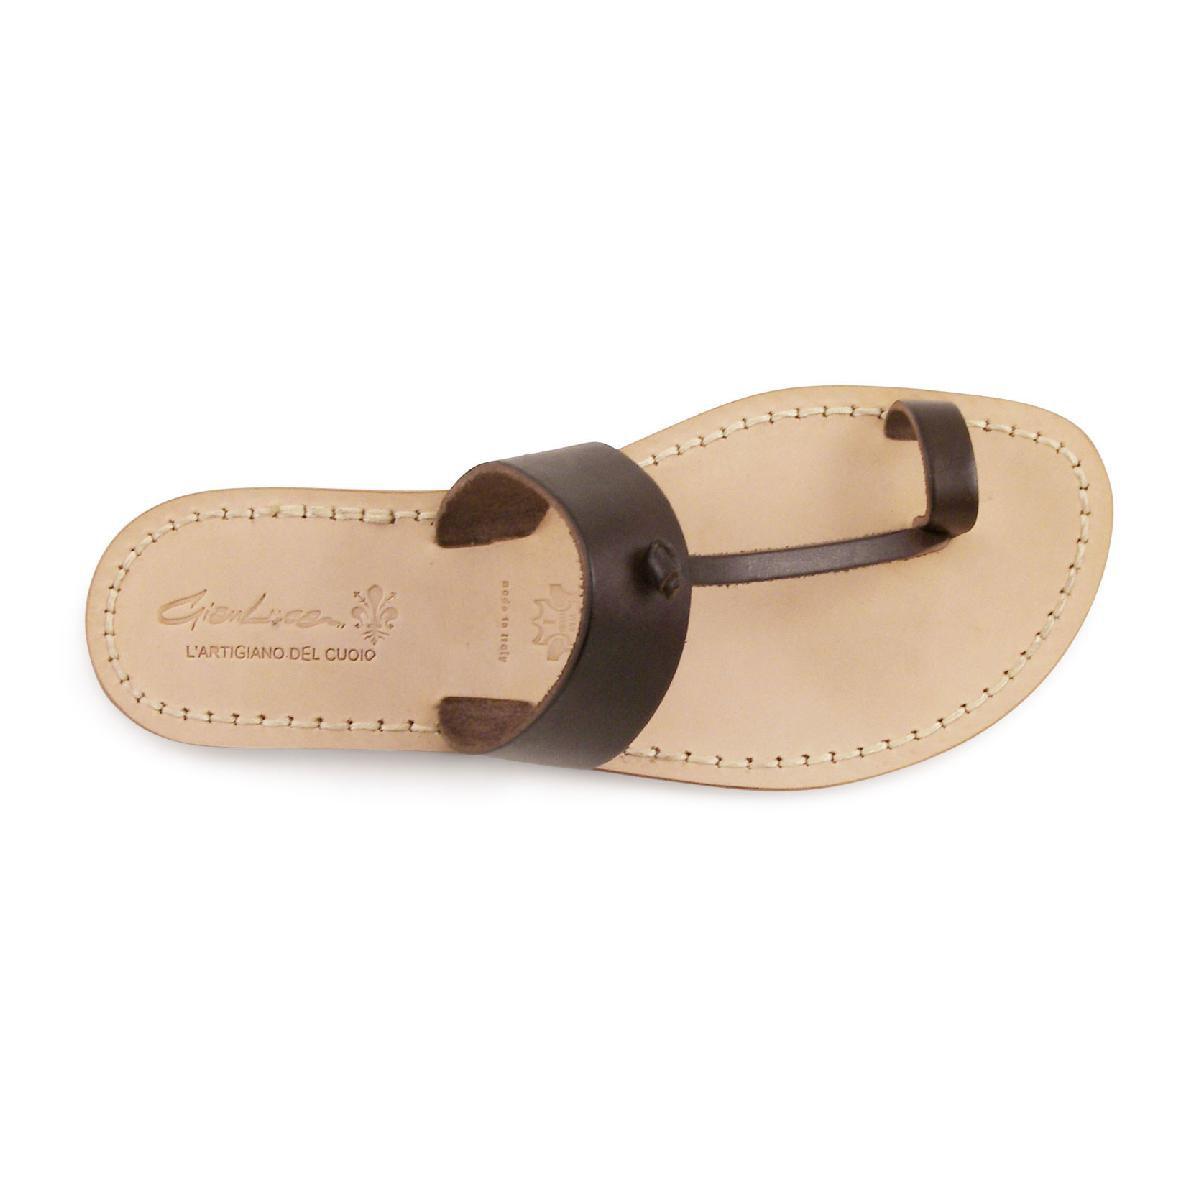 sandals tong cuir homme marron fait la main en italie gianluca l 39 artisan du cuir. Black Bedroom Furniture Sets. Home Design Ideas